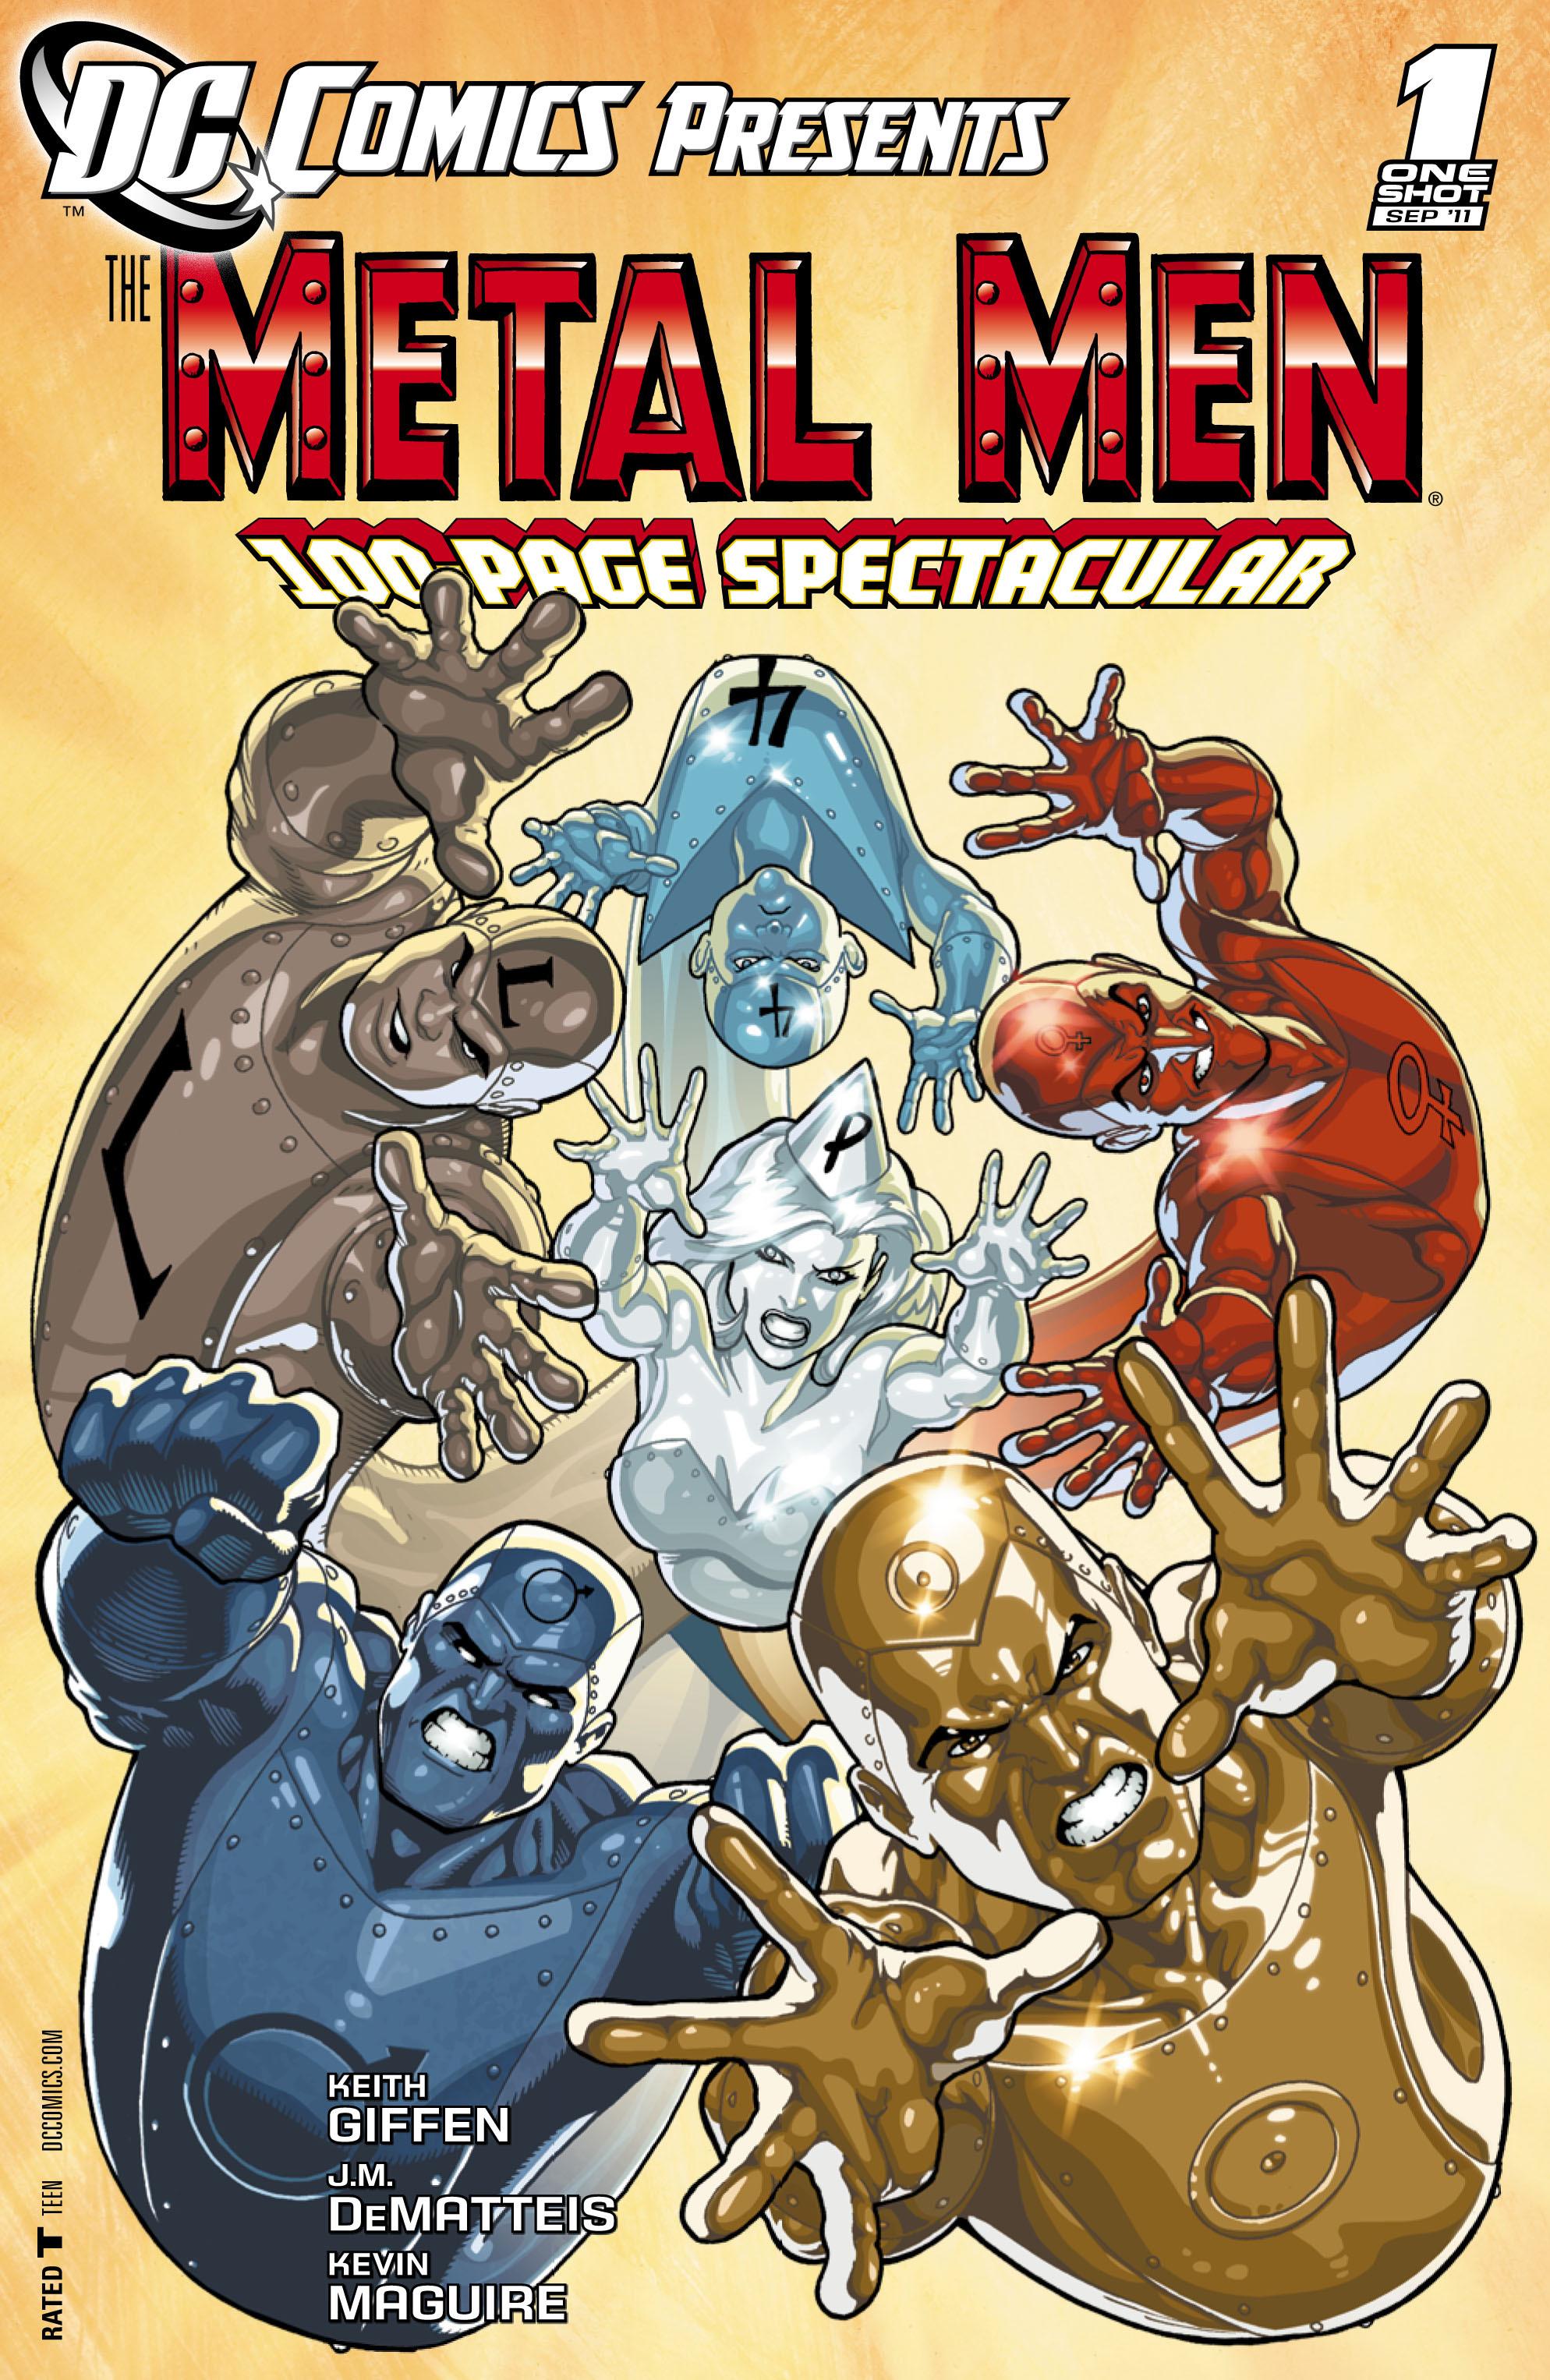 DC Comics Presents: The Metal Men Full Page 1